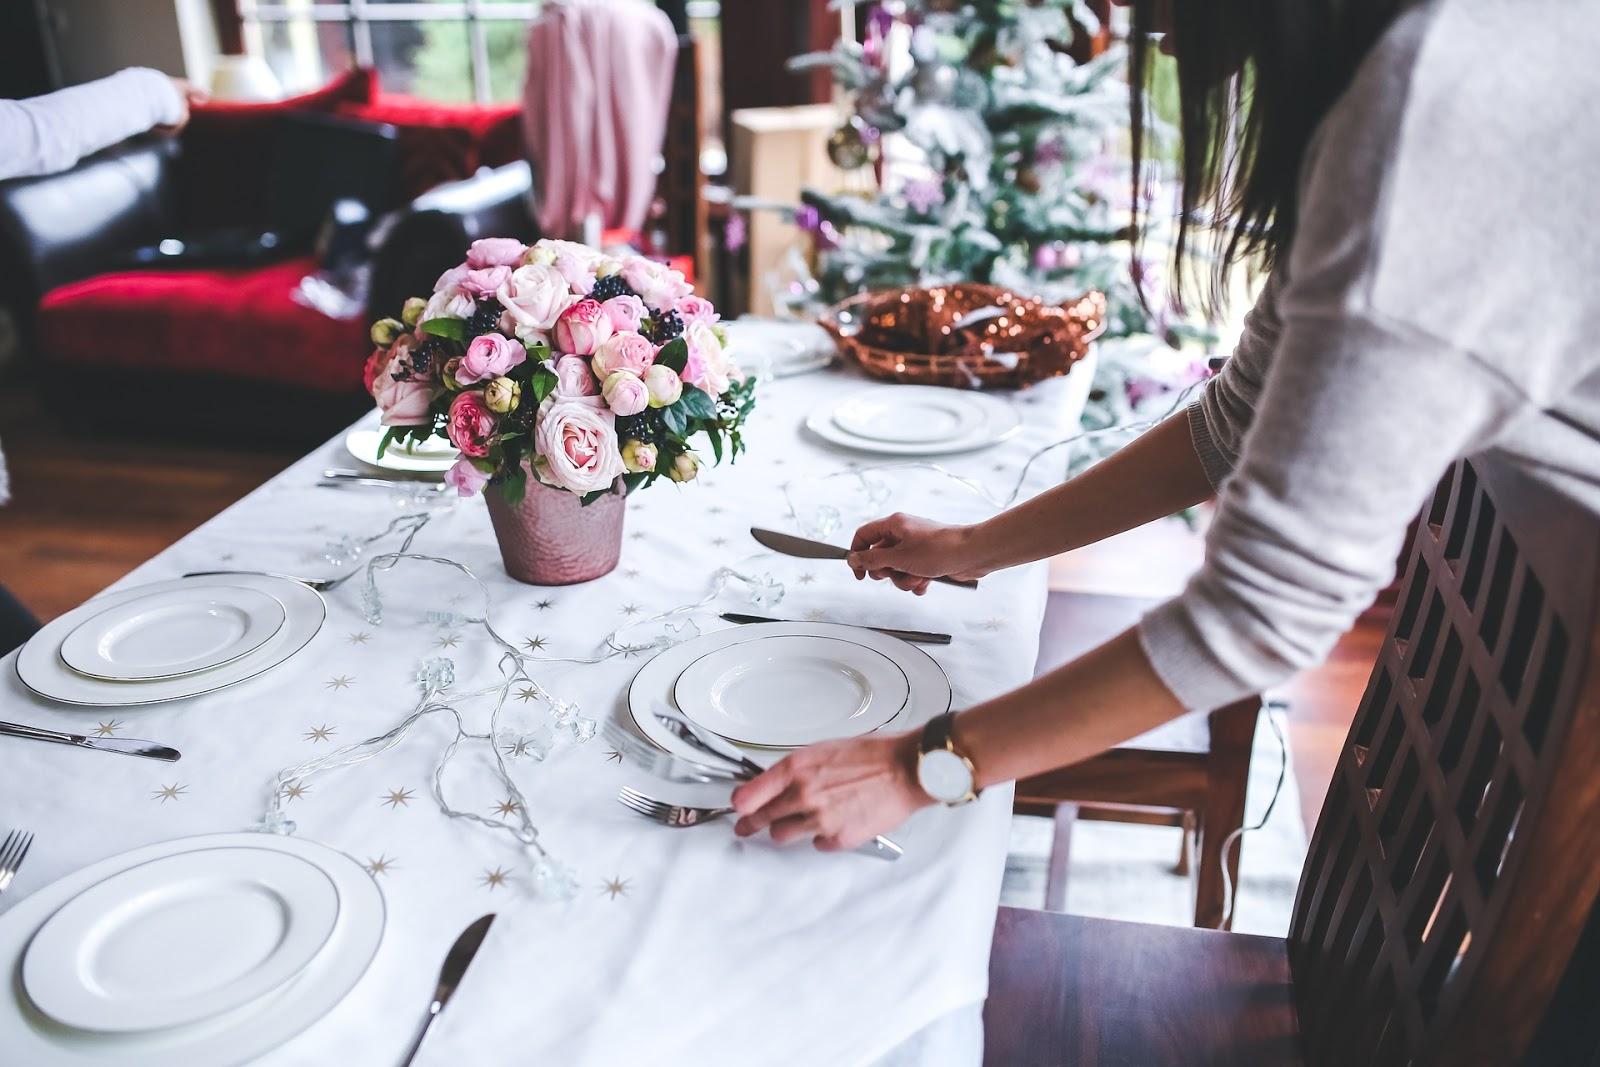 Ile potraw jest na Naszym wigilijnym stole? - czyli, jak smakują Święta?